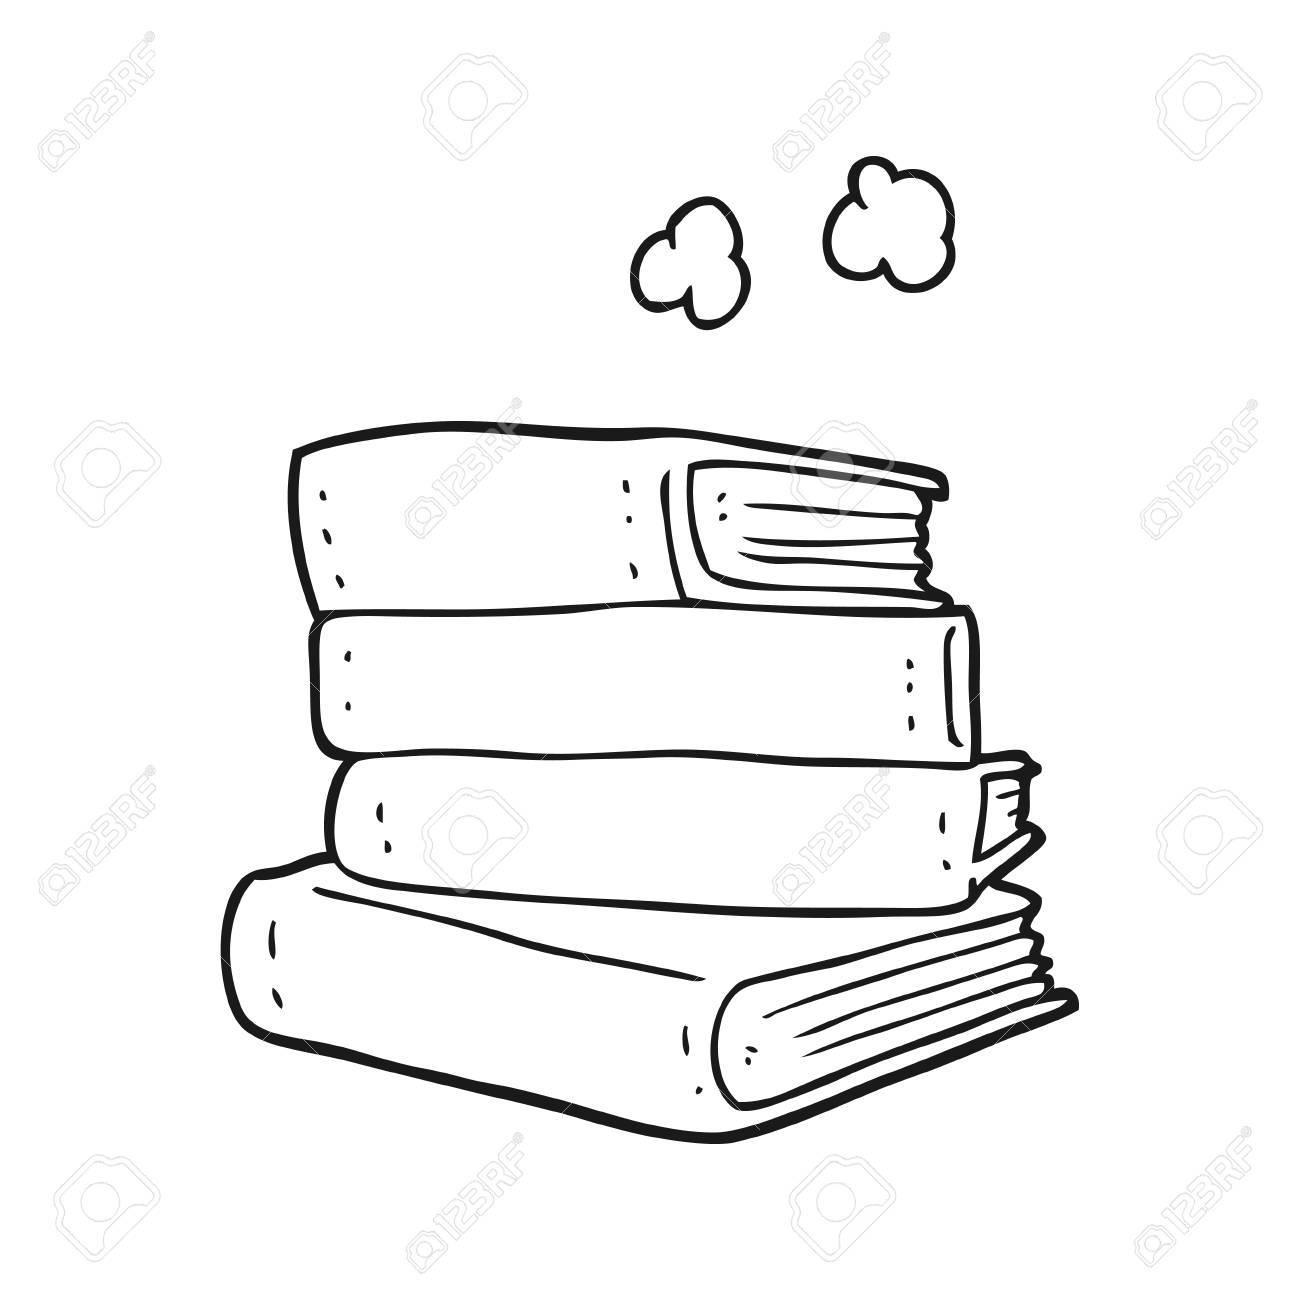 Banque dimages main levée dessin animé noir et blanc pile de livres